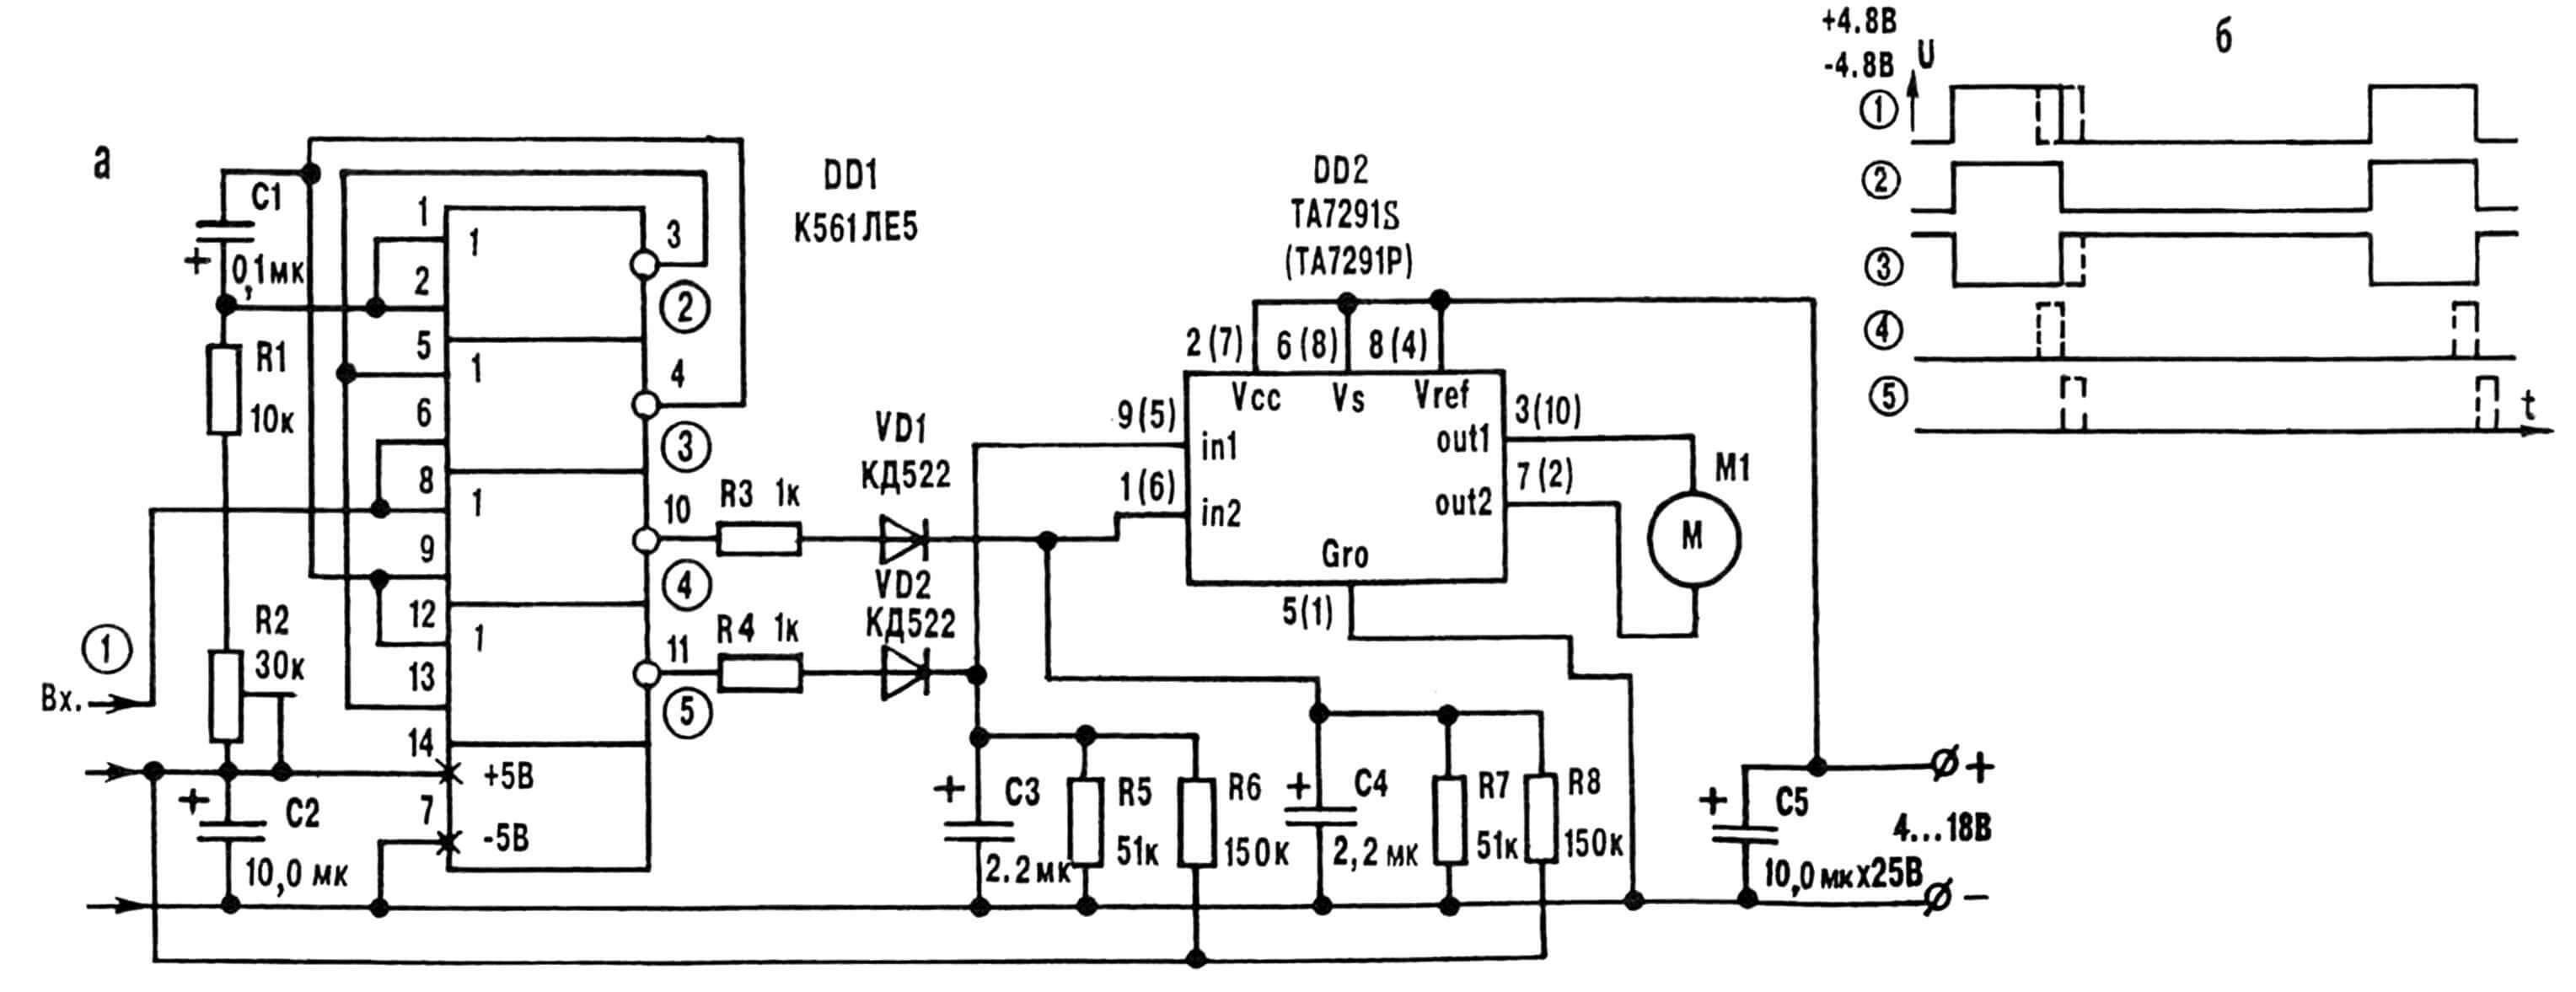 Рис. 2. Принципиальная электрическая схема (а) и временные диаграммы (б) маломощного регулятора оборотов.